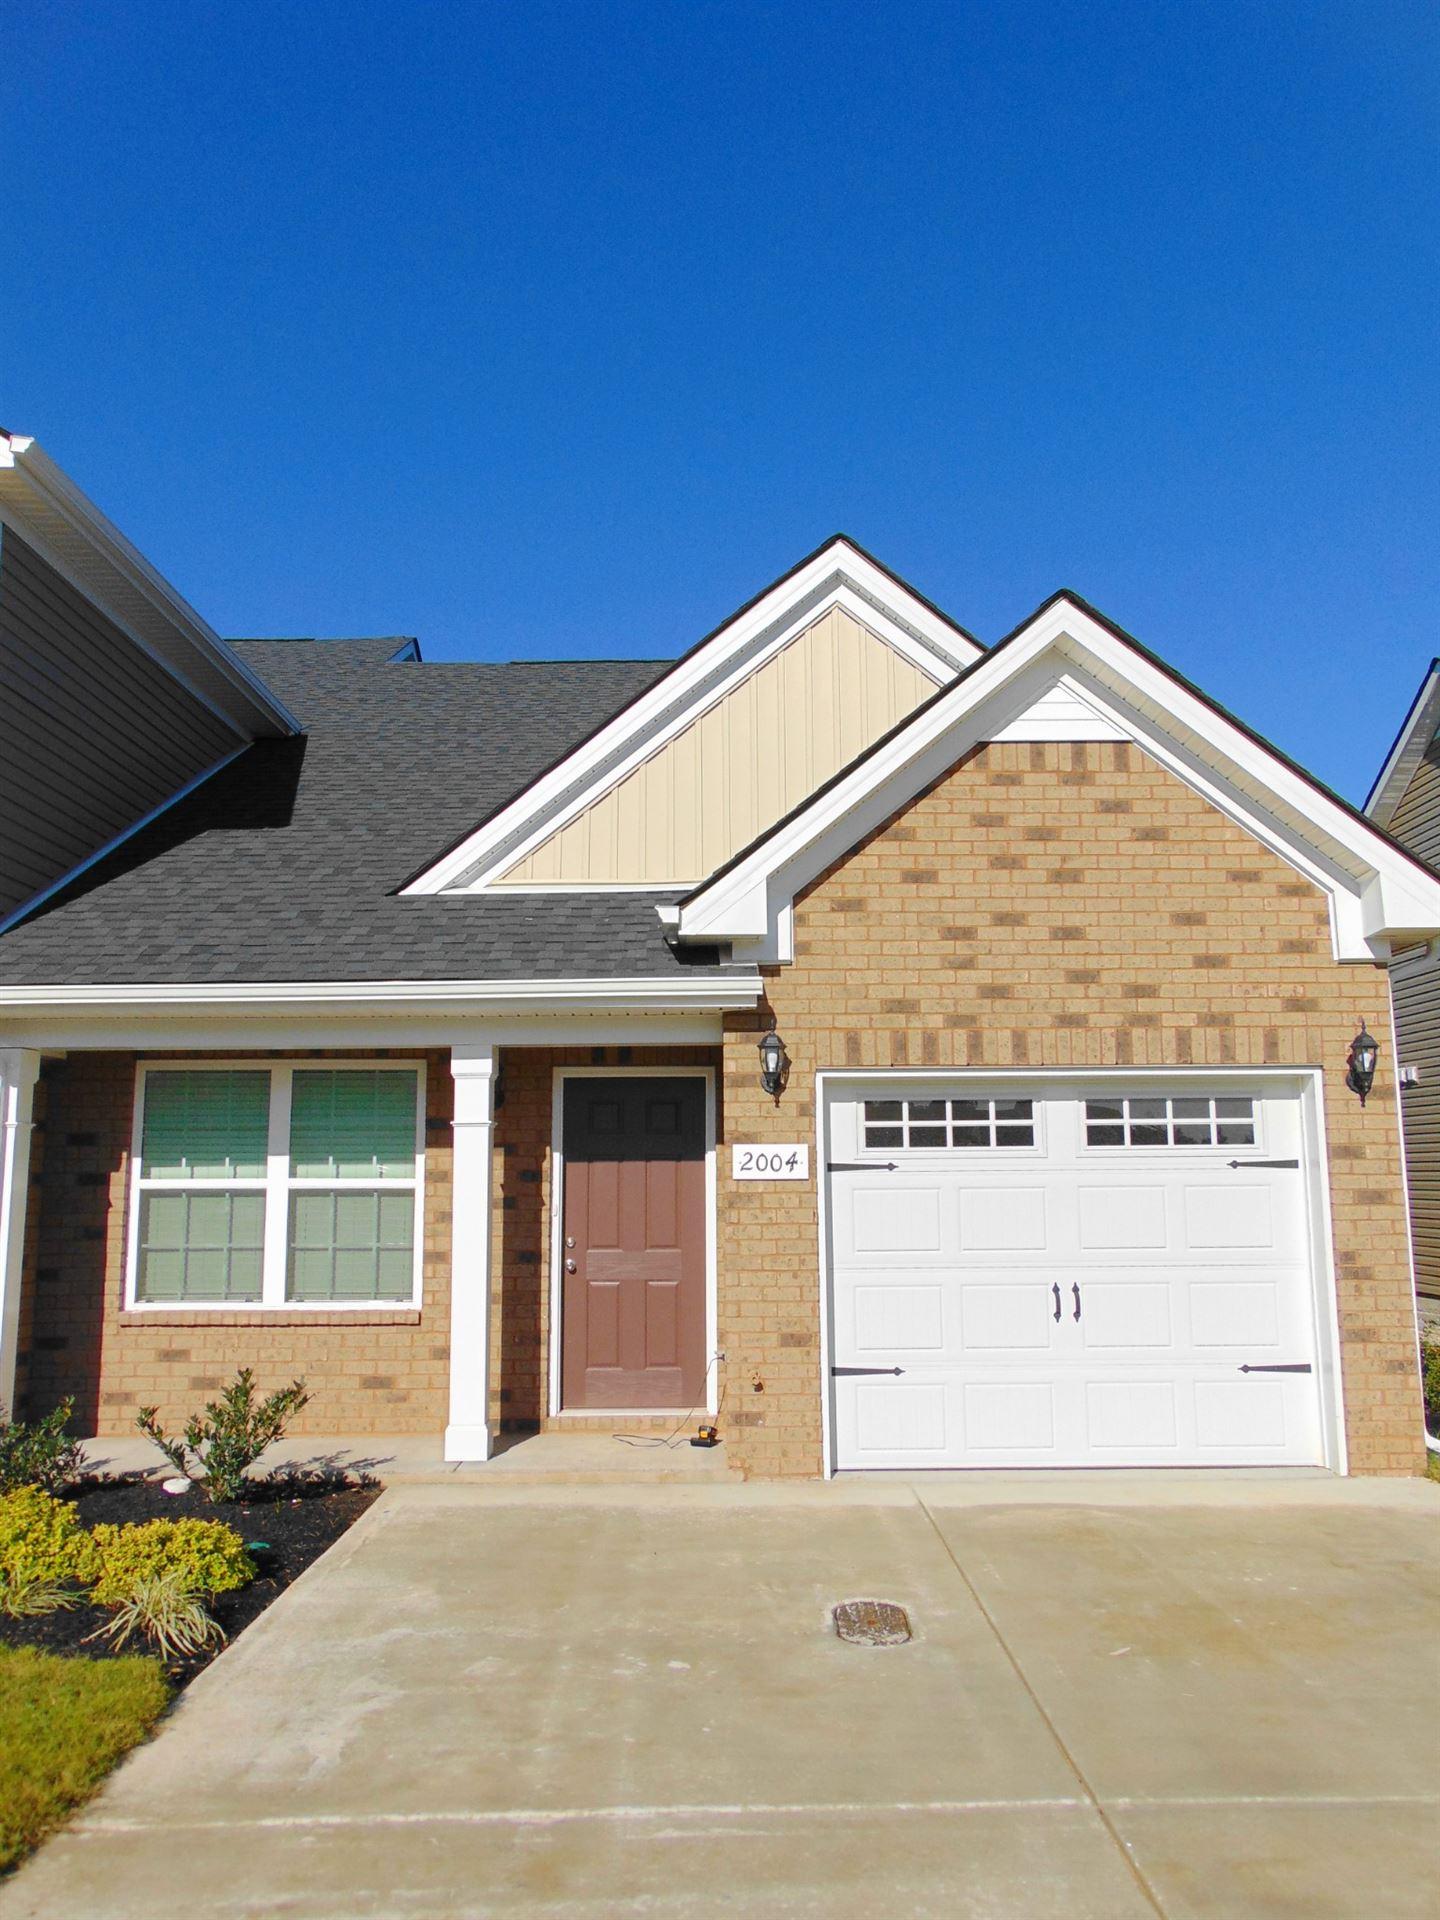 3404 Donerail Circle, Murfreesboro, TN 37128 - MLS#: 2198790